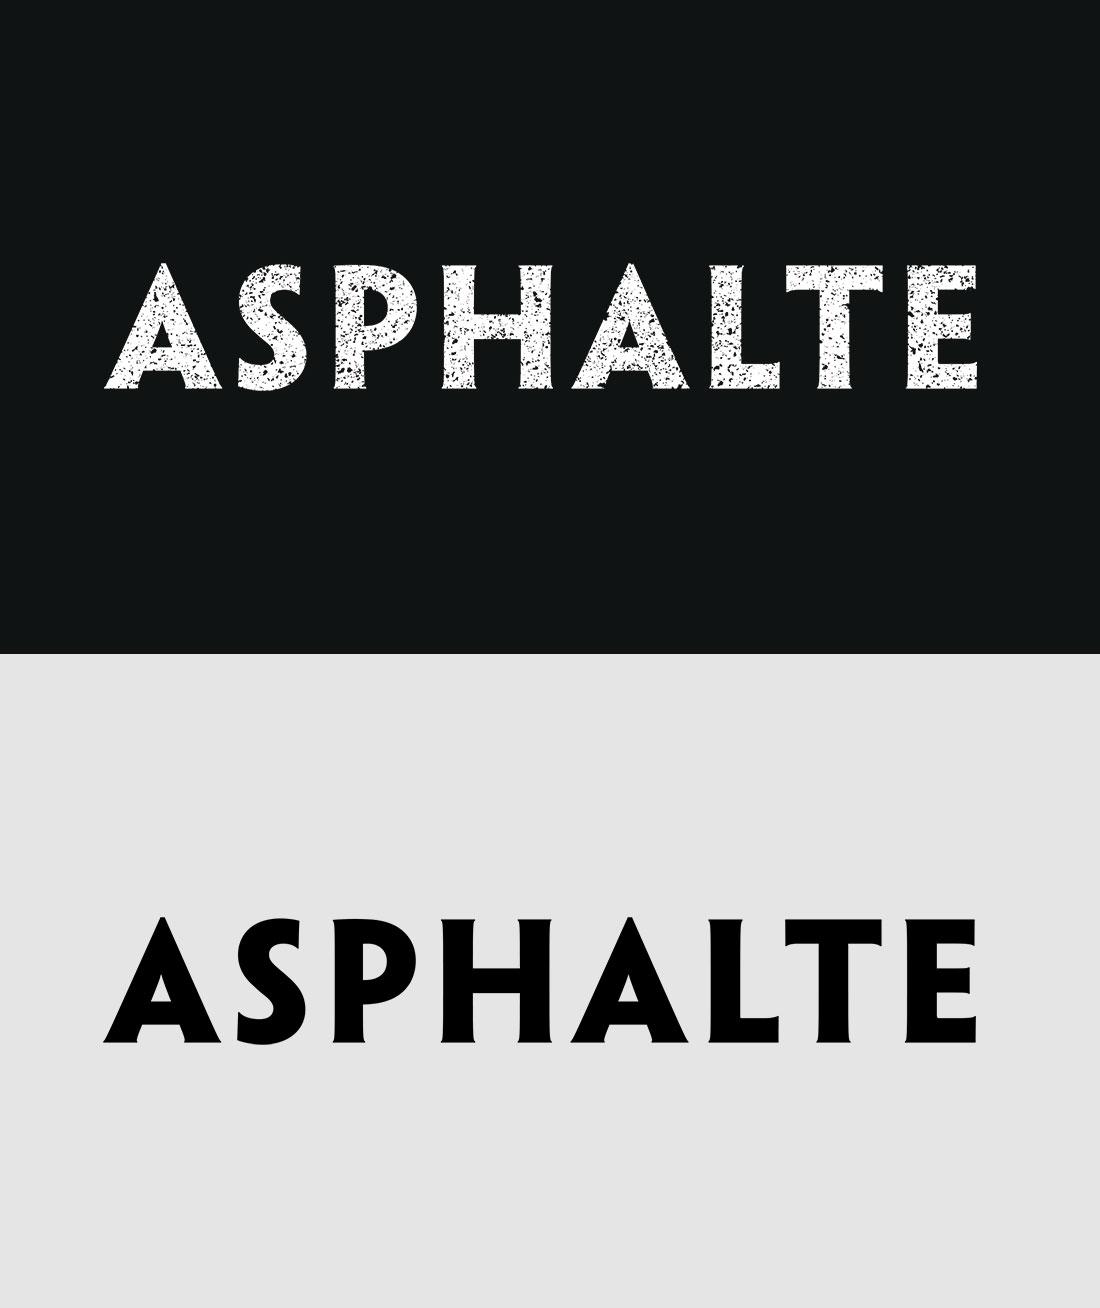 asphalte-01